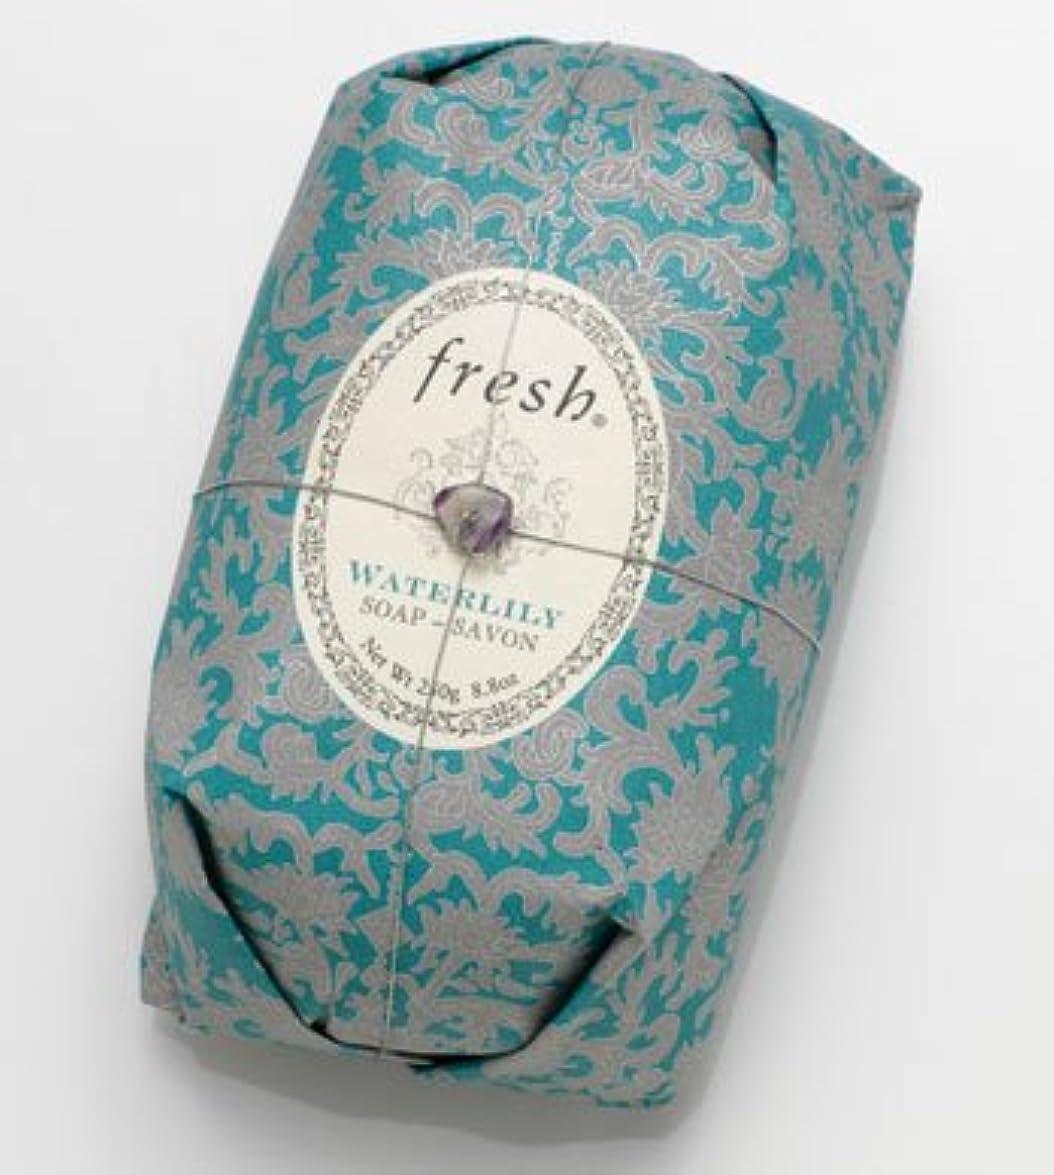 怒り次へキリストFresh WATERLILY SOAP (フレッシュ ウオーターリリー ソープ) 8.8 oz (250g) Soap (石鹸) by Fresh